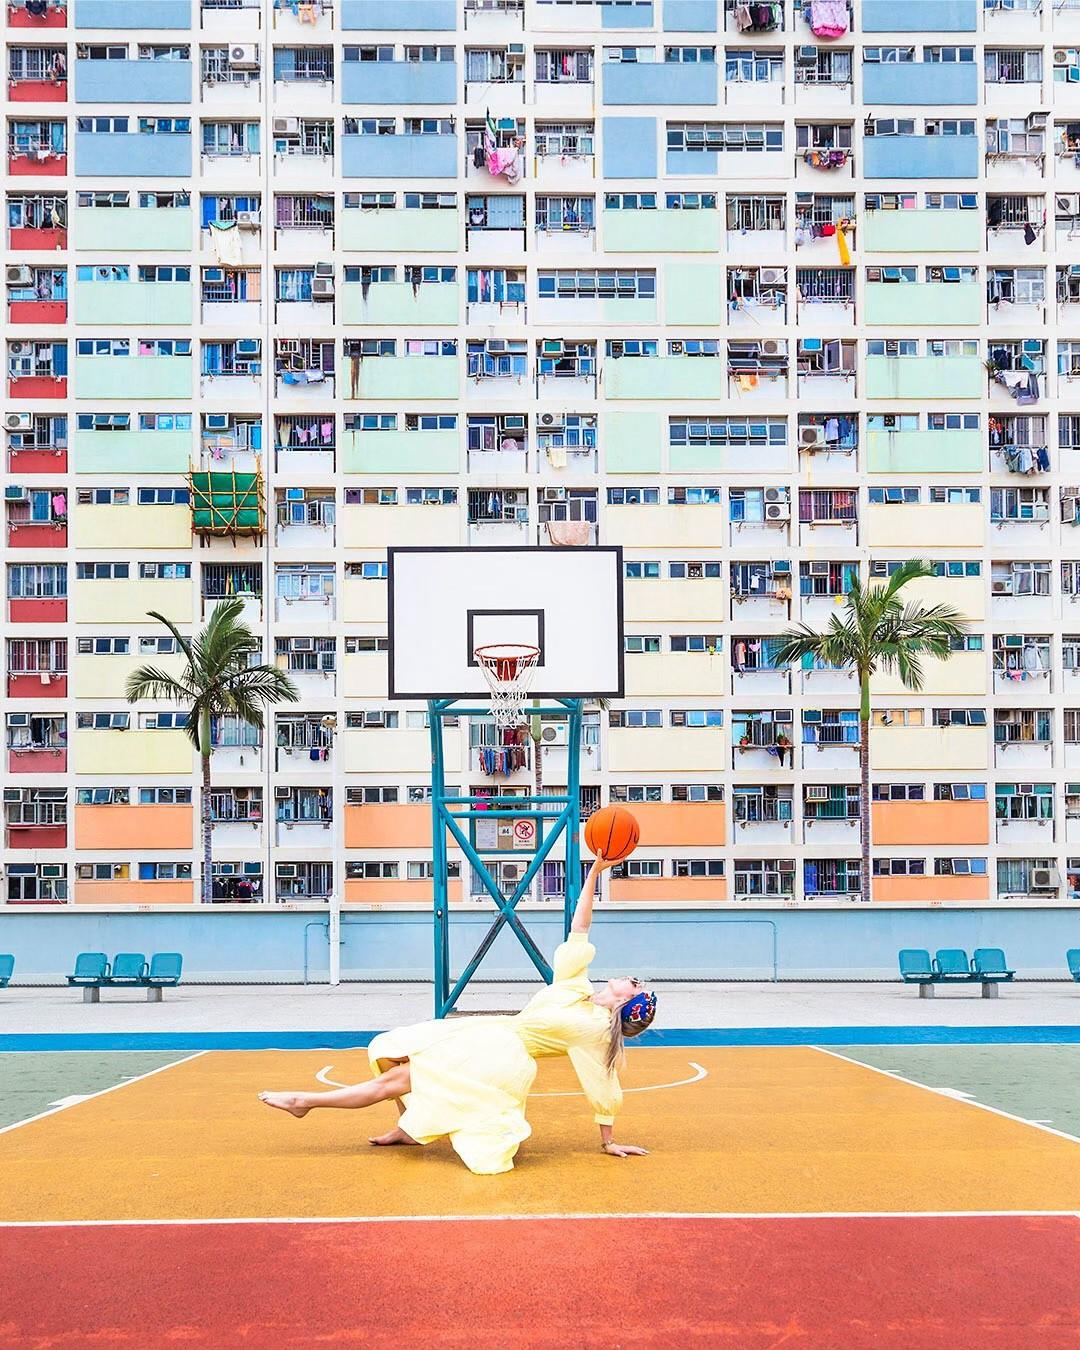 Bỏ túi ngay 8 điểm sống ảo nổi tiếng ở Hong Kong, vị trí thứ 2 hot đến nỗi còn lọt vào top được check-in nhiều nhất trên Instagram! - Ảnh 7.